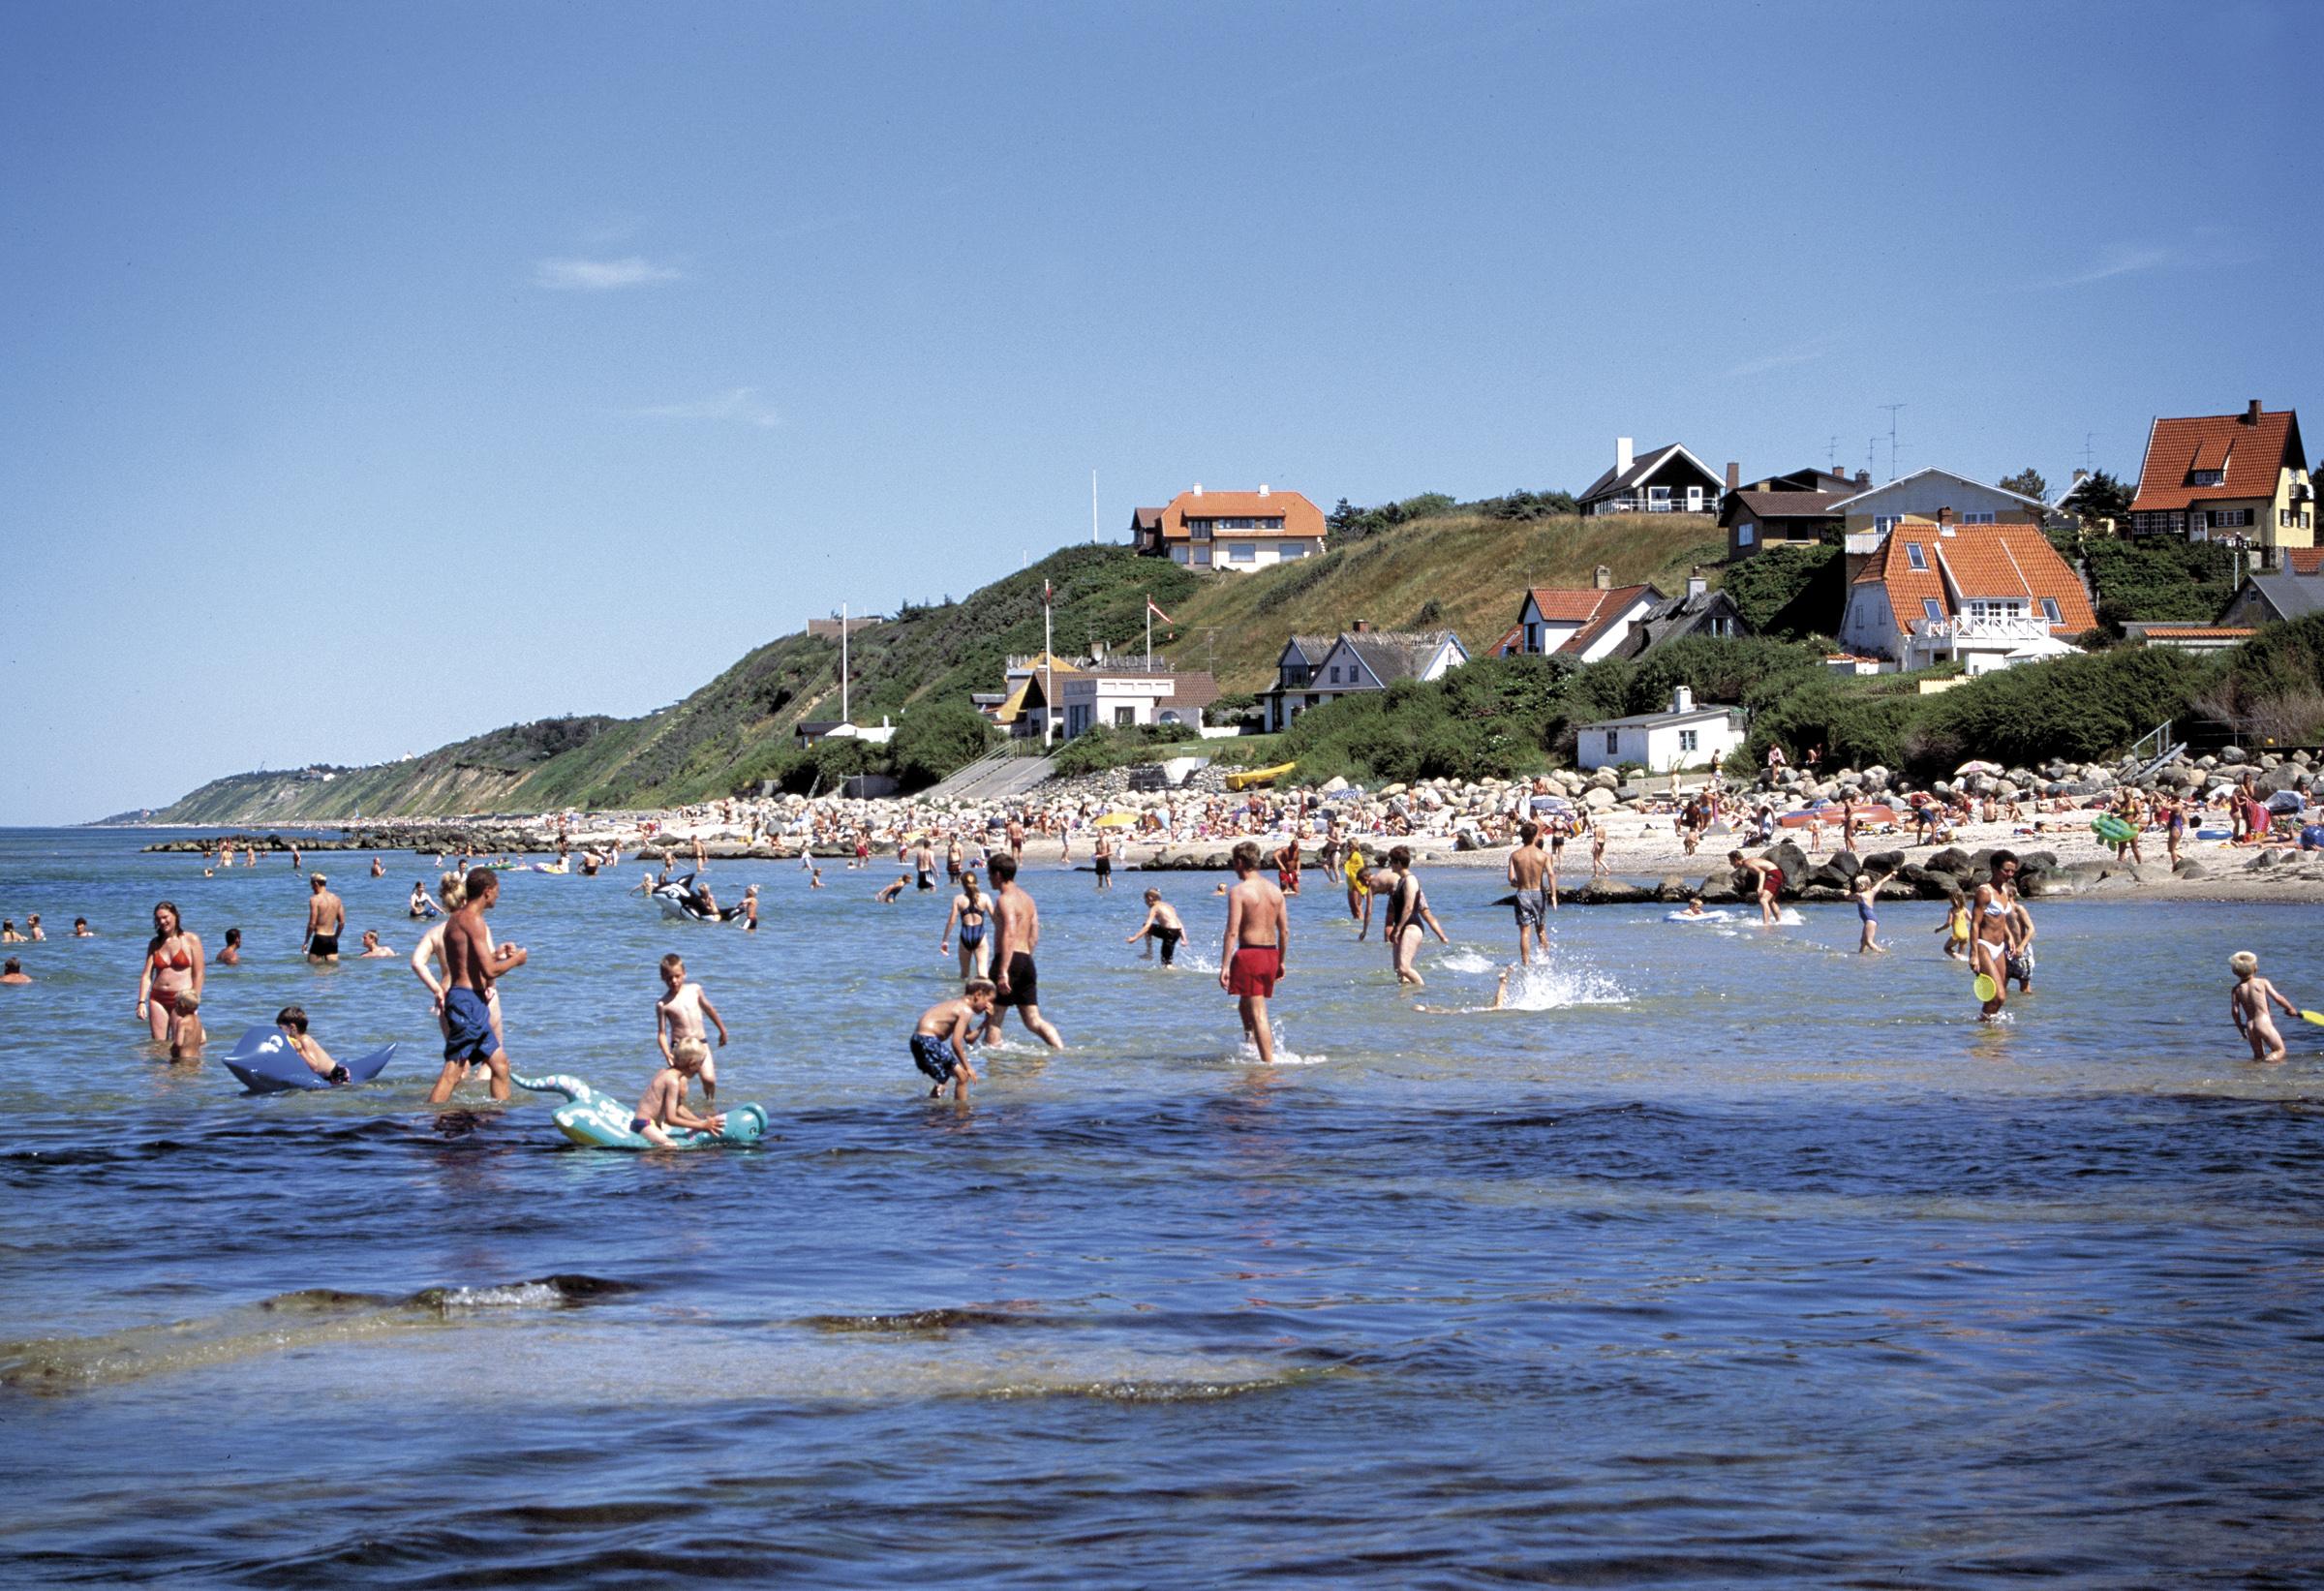 Danmark havde sidste år 56 millioner målbare turismeovernatninger, ferie- som erhvervsrejsende. Her er det Tisvildeleje på Sjællands nordkyst. Pressefoto: VisitNordsjælland, Klaus Bentzen.